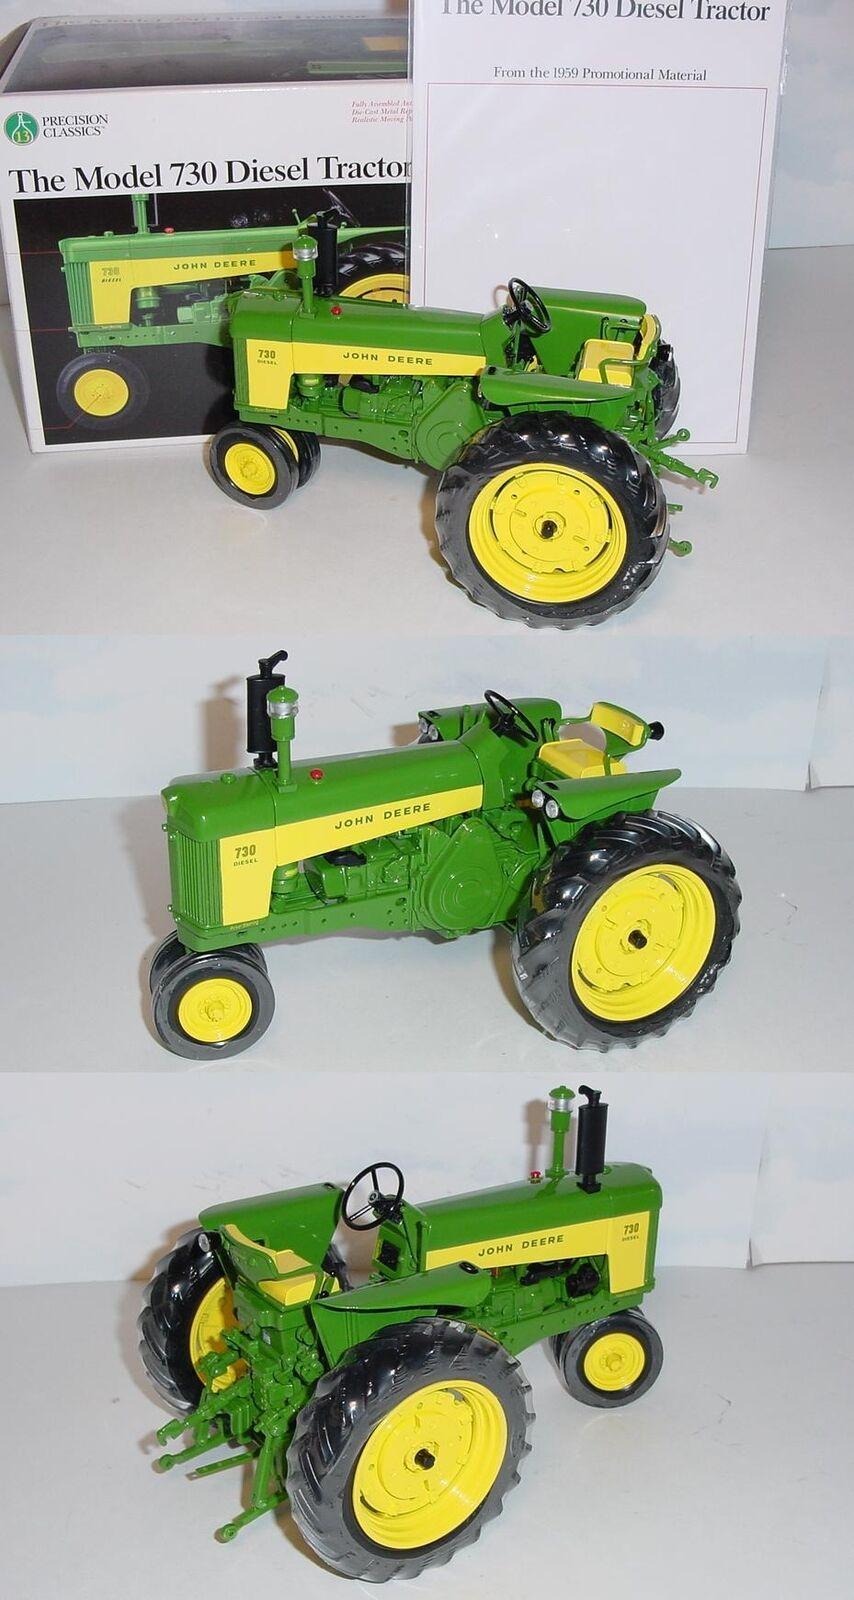 1 16 John Deere 730 NARROW FRONT précision  13 tracteur par ERTL NEW IN BOX  jamais ouvert